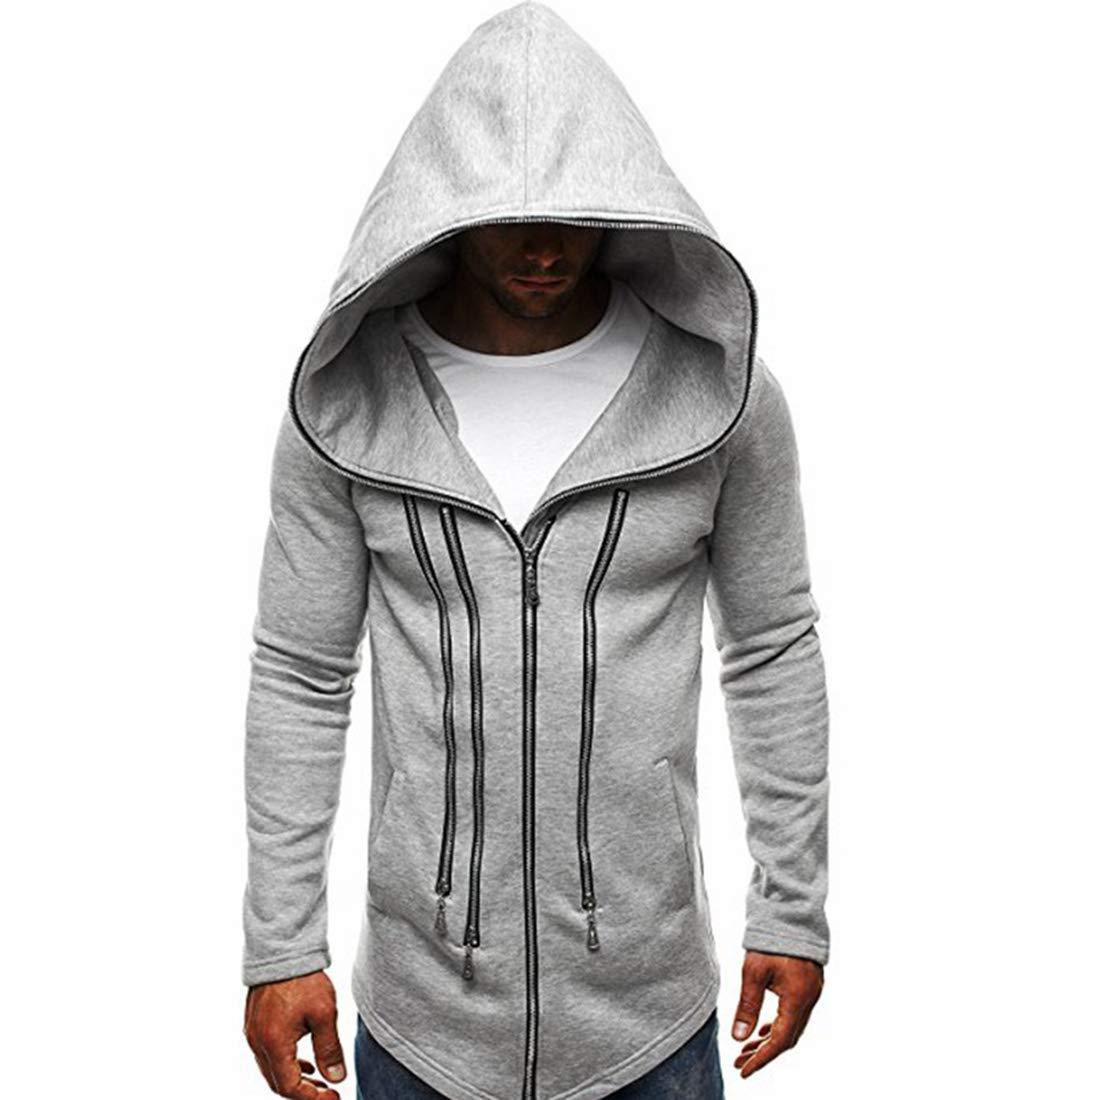 TOOSD Männer Kapuzenpullover, Pullover Dunkler Mantel Anzug Assassins Creed Zipper Baumwollmischung Große Lange Sweatshirt - M-XXL,B,XXL